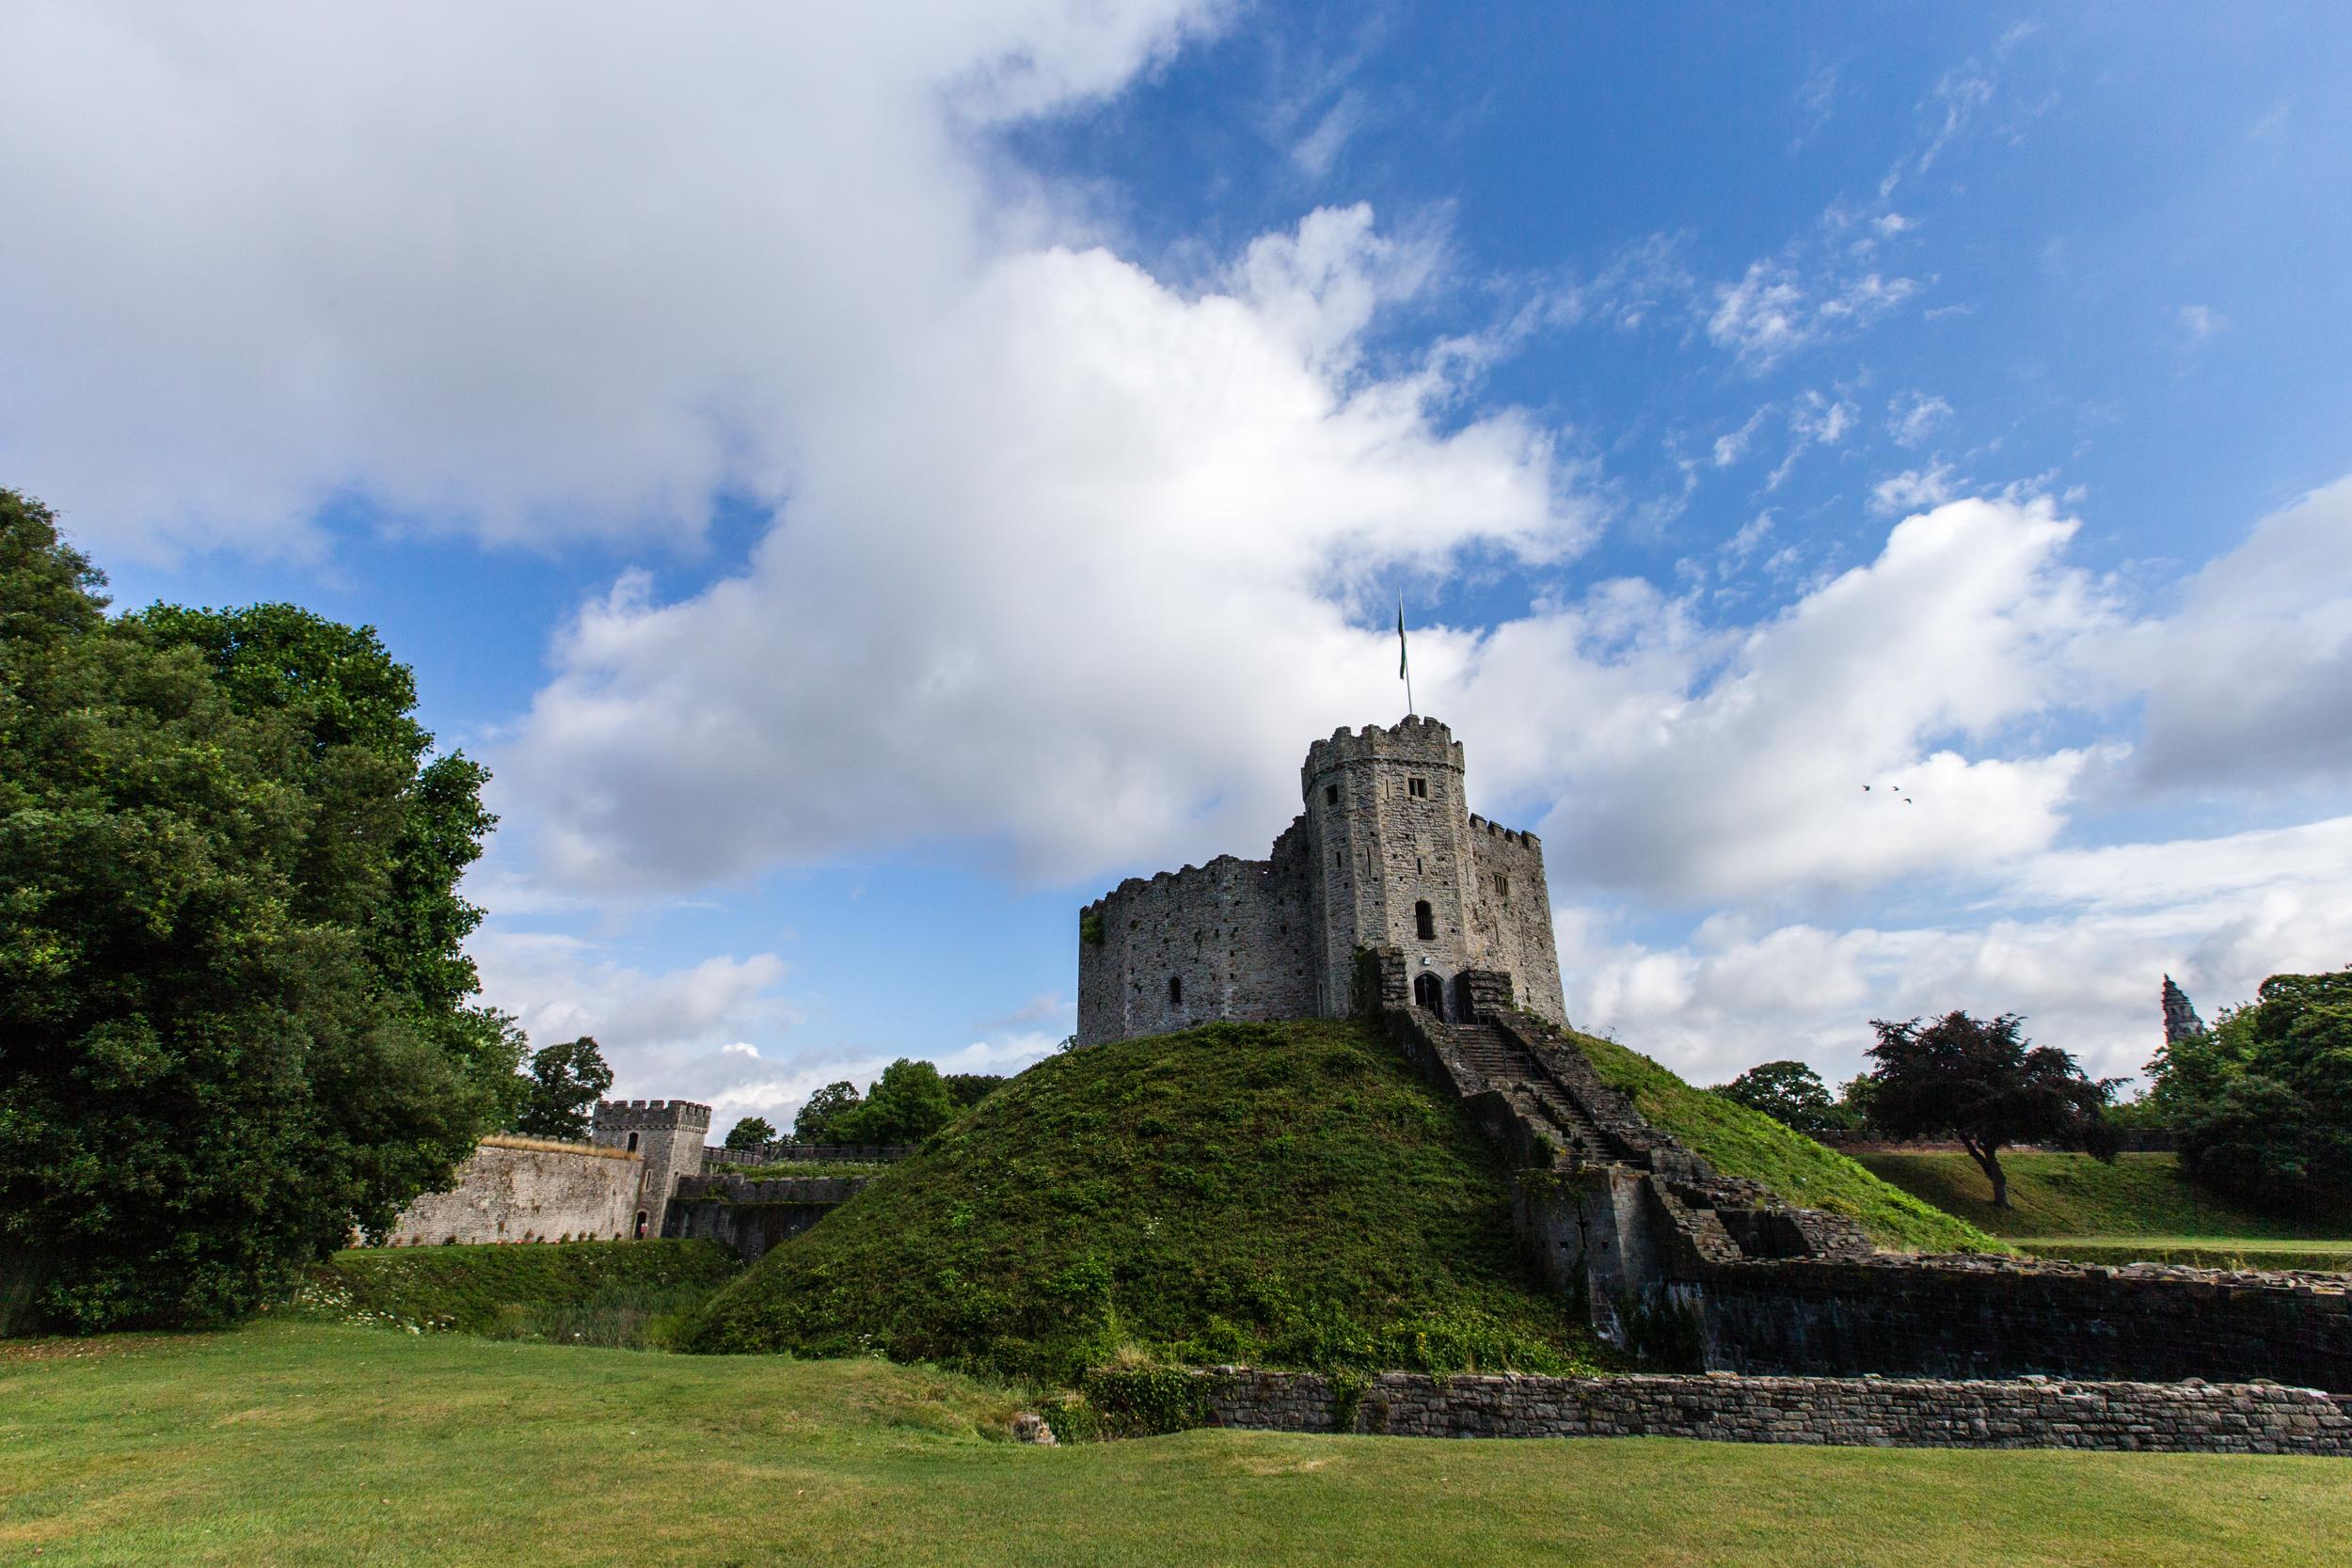 Jennifer Bailey ©2013 Cardiff Castle, Wales